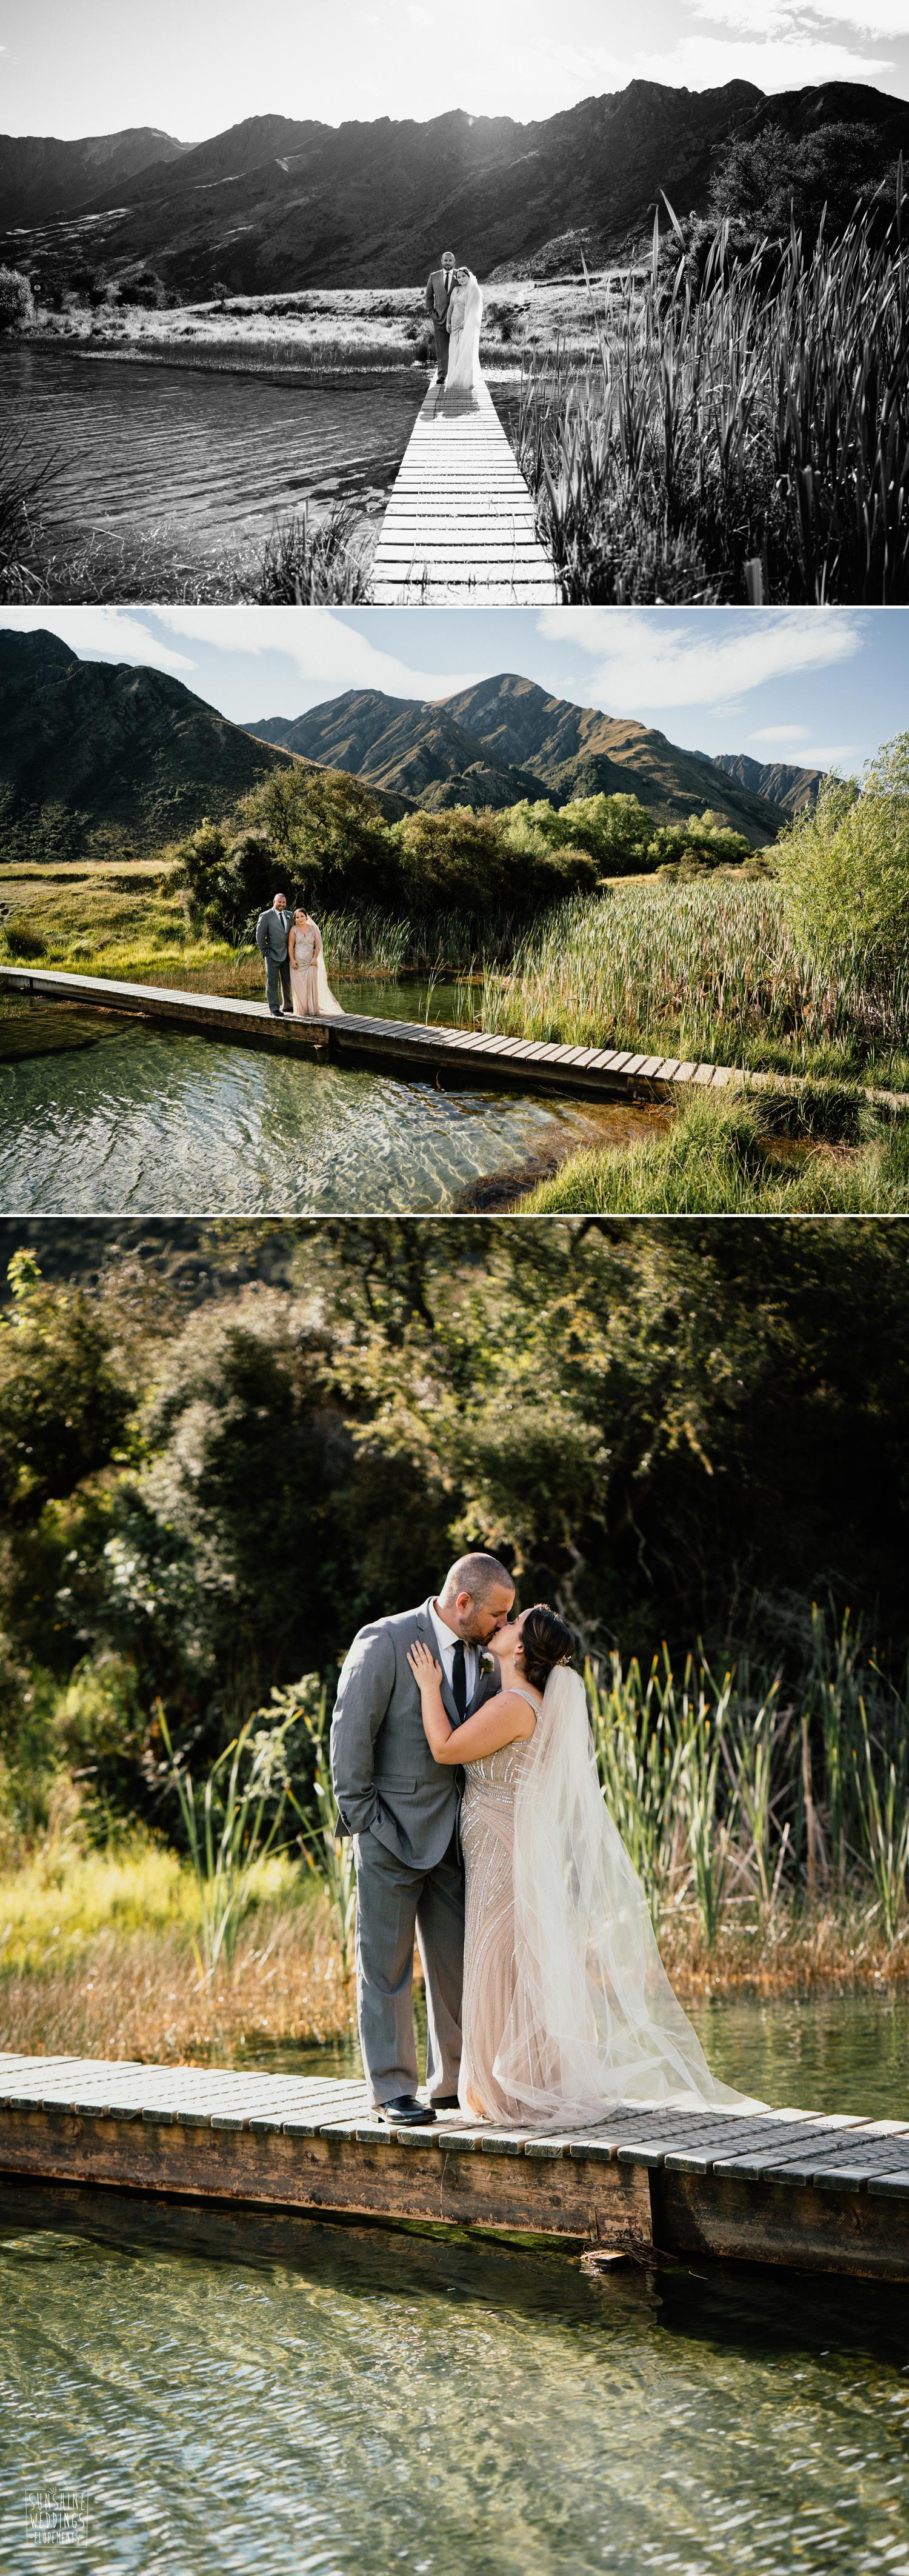 Lake wedding Queenstown New Zealand